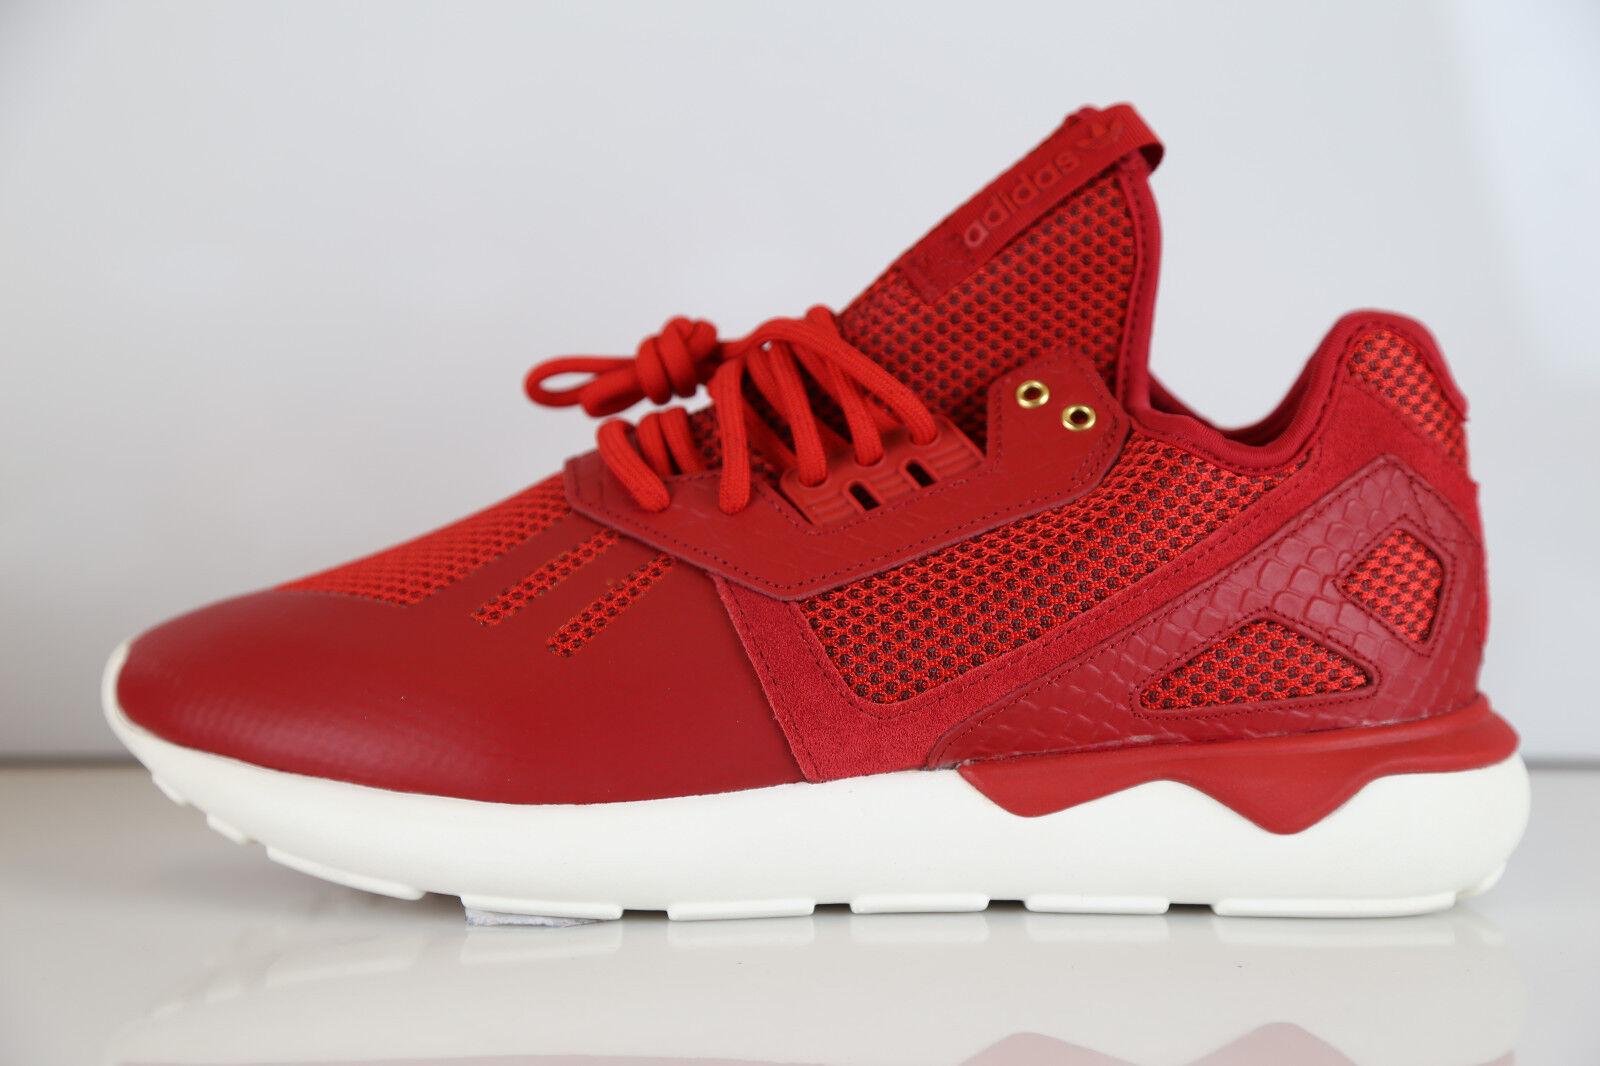 Adidas Tubular  Runner CNY Capodanno cinese Rosso AQ2549 8 -12 Rinforzi ultra originali  buon prezzo